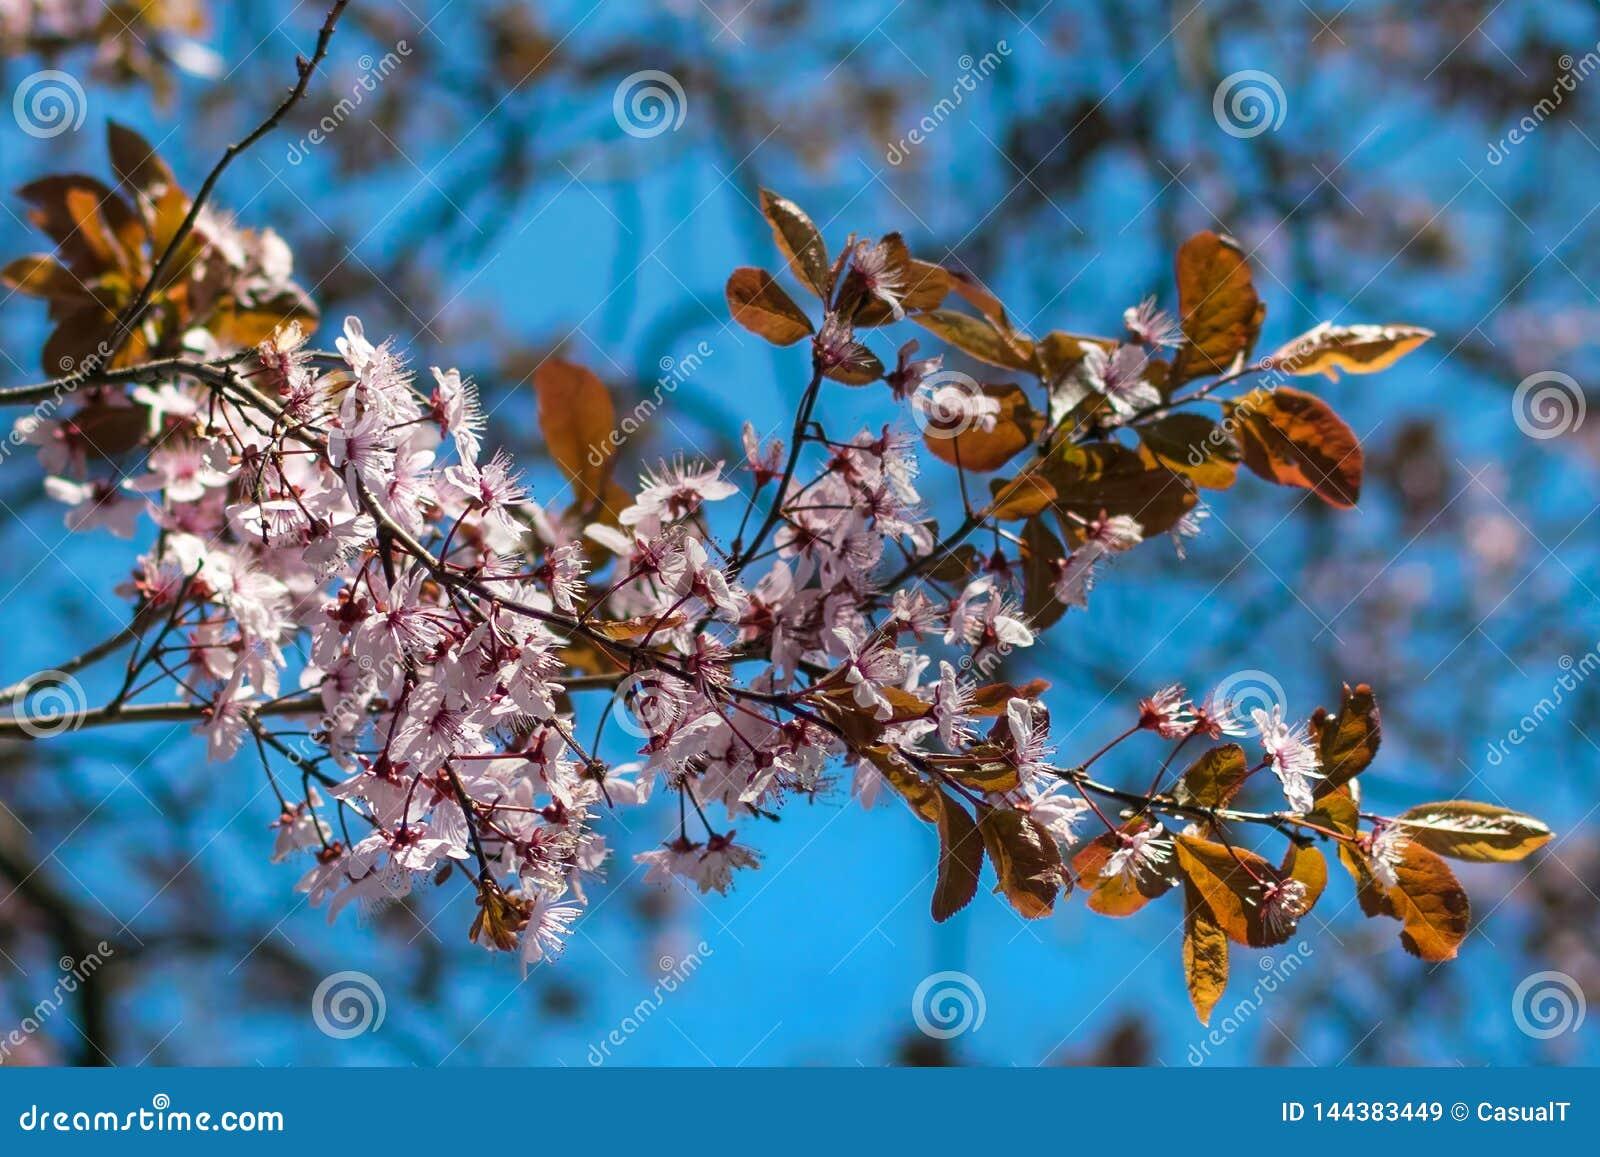 Japanische Kirschblüten gegen einen hellblauen bokeh Hintergrund